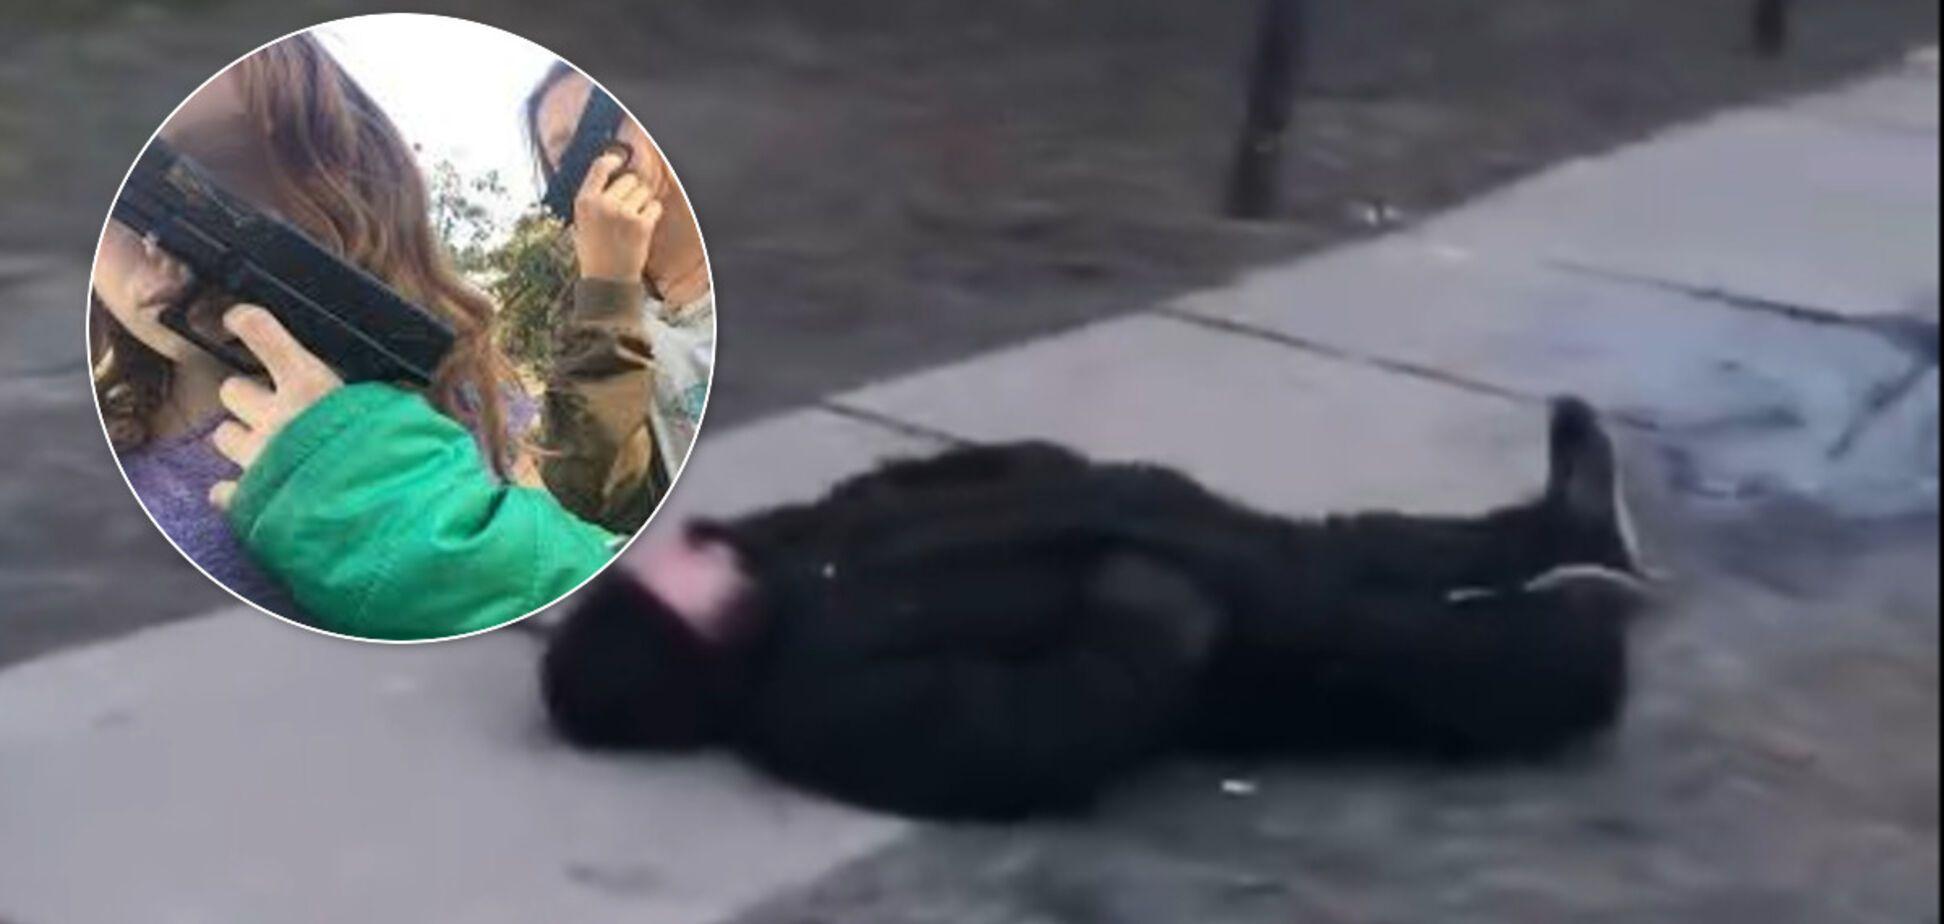 Побили ногами до напівсмерті: чому малолітні дівчата в Києві напали на безхатченка